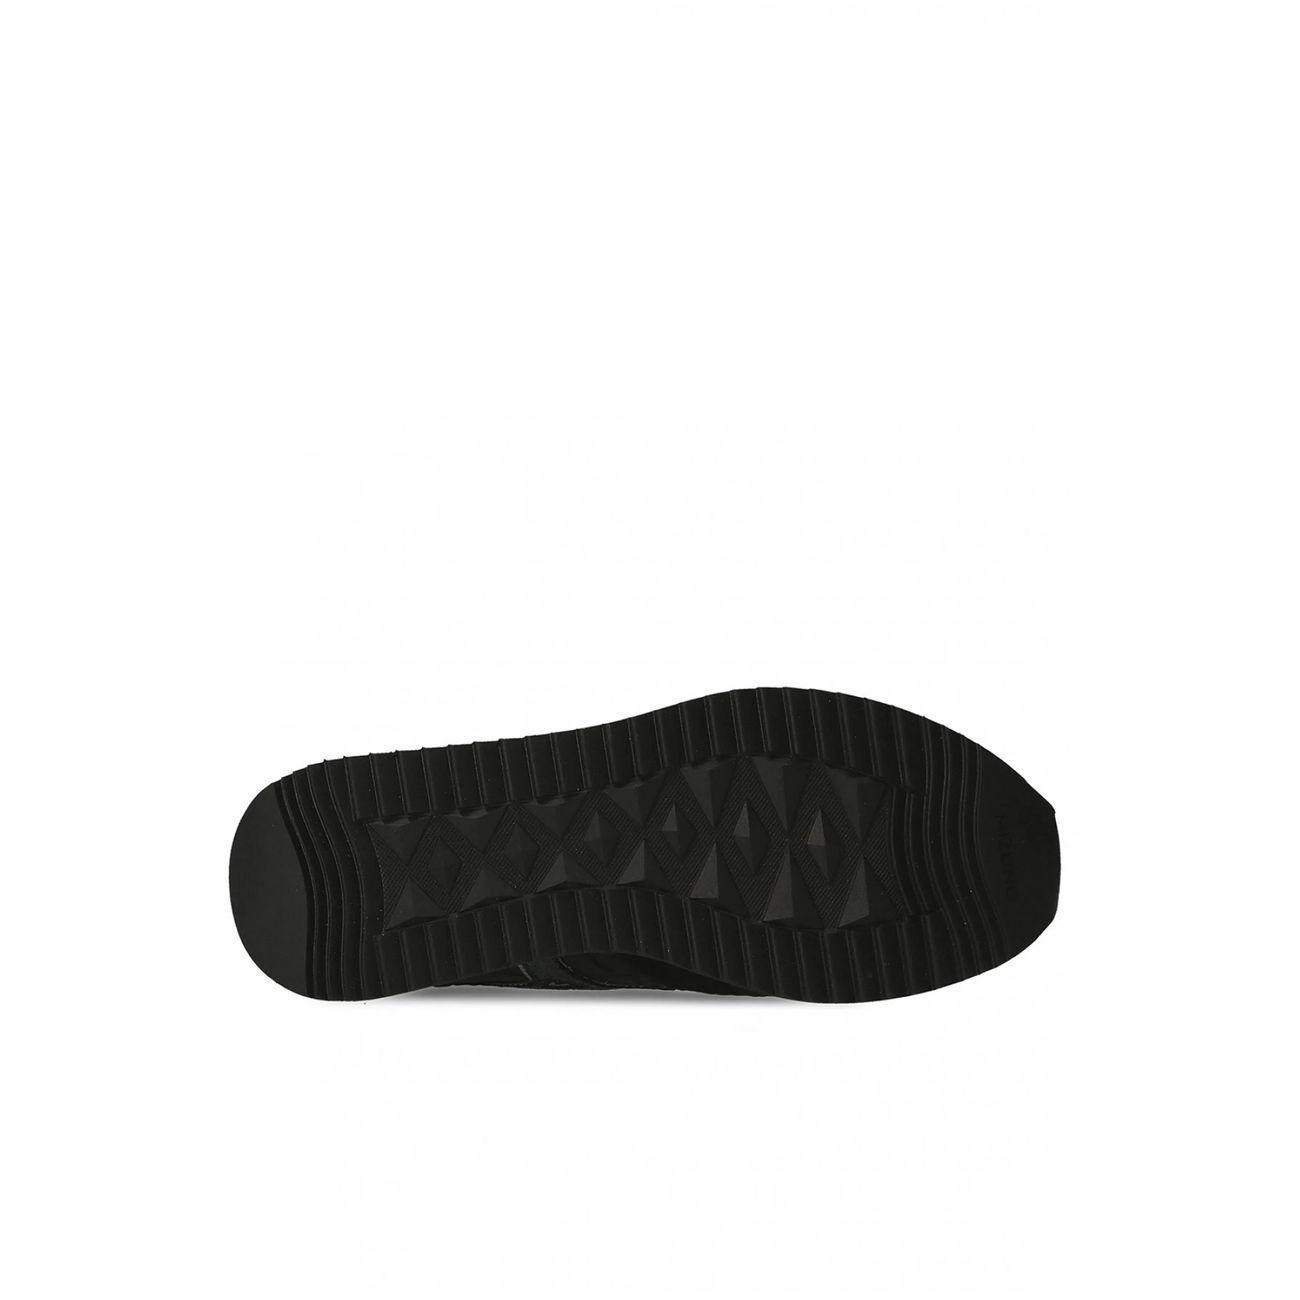 homme MIZUNO Sneakers  Lifestyle  -  Mizuno - Homme